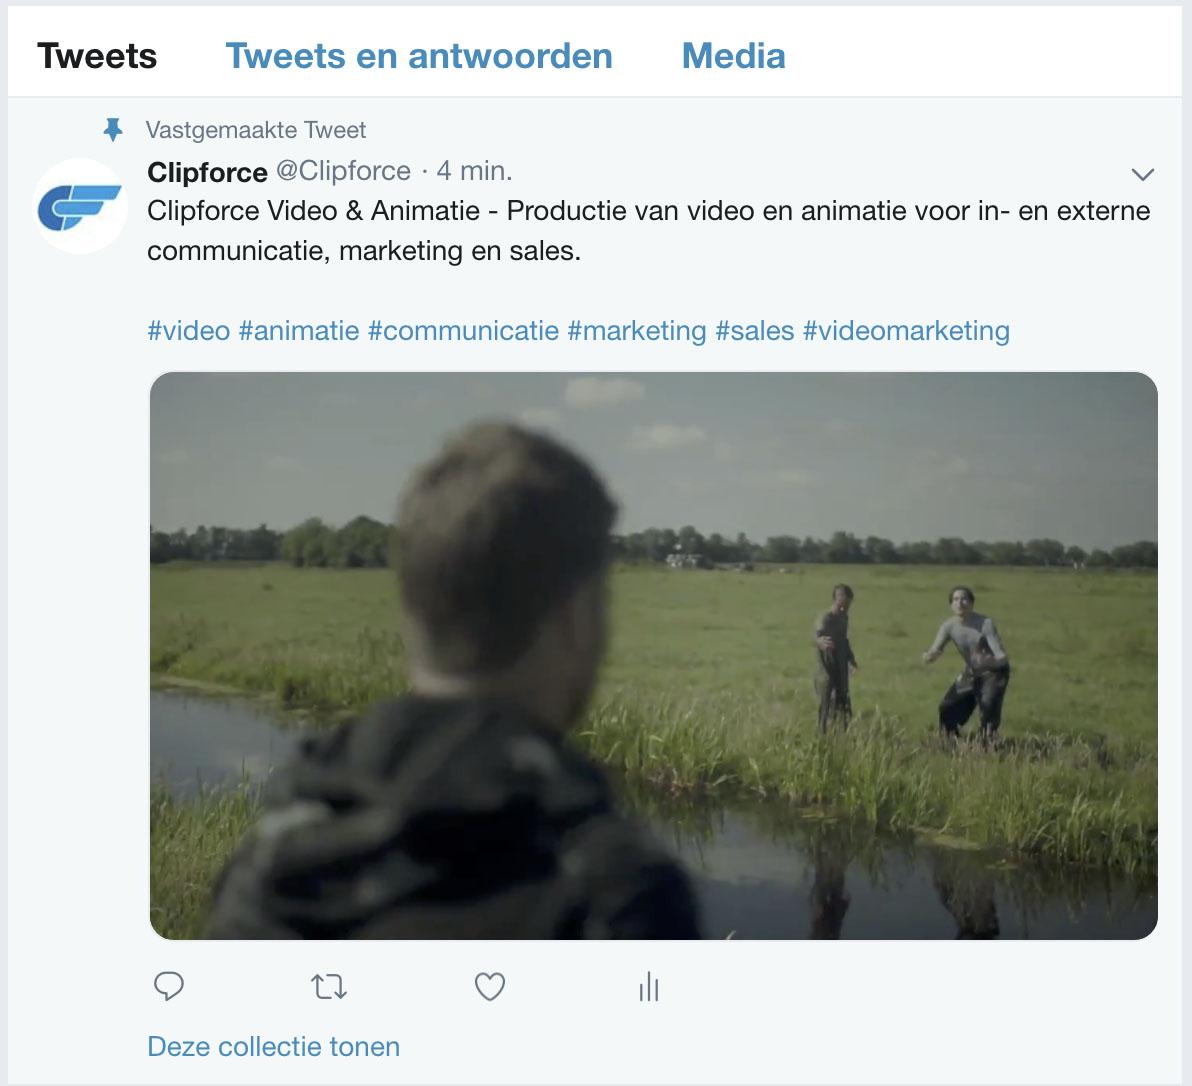 Vastpinnen tweet bovenaan pagina clipforce video animatie marketing communicatie